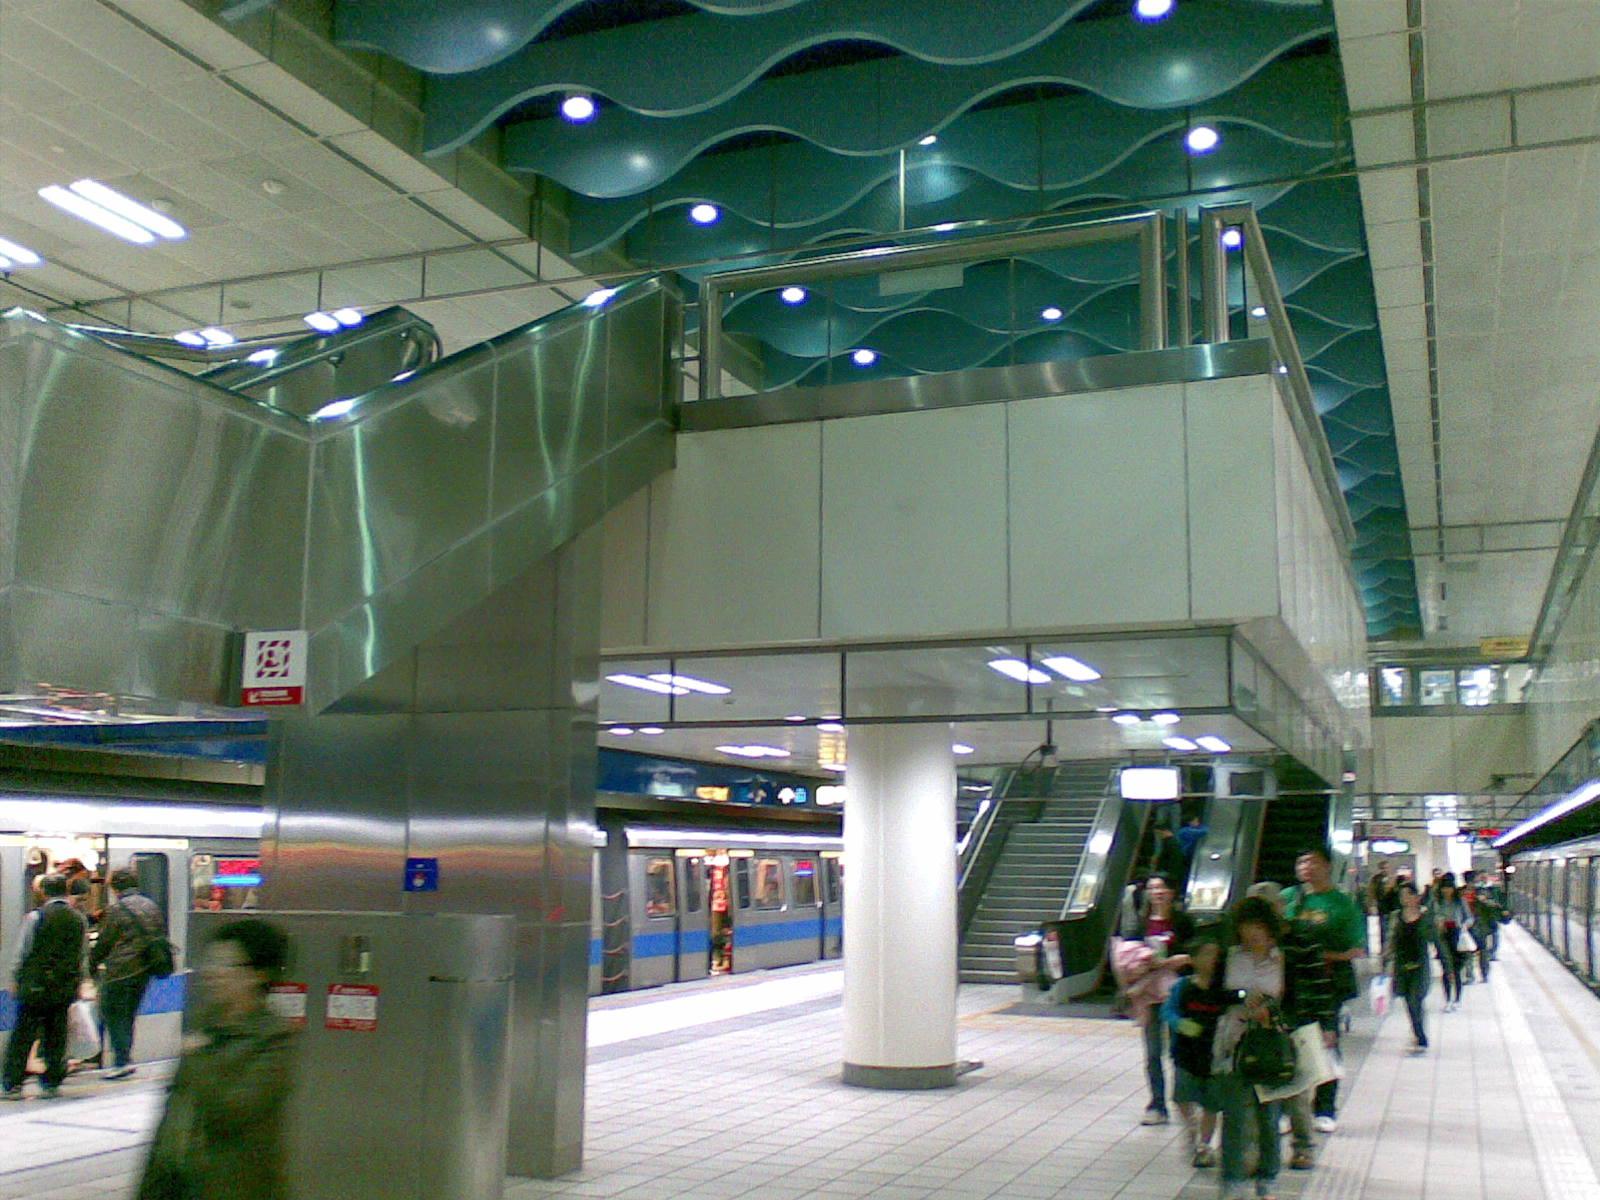 疑似新埔站轉乘電扶梯